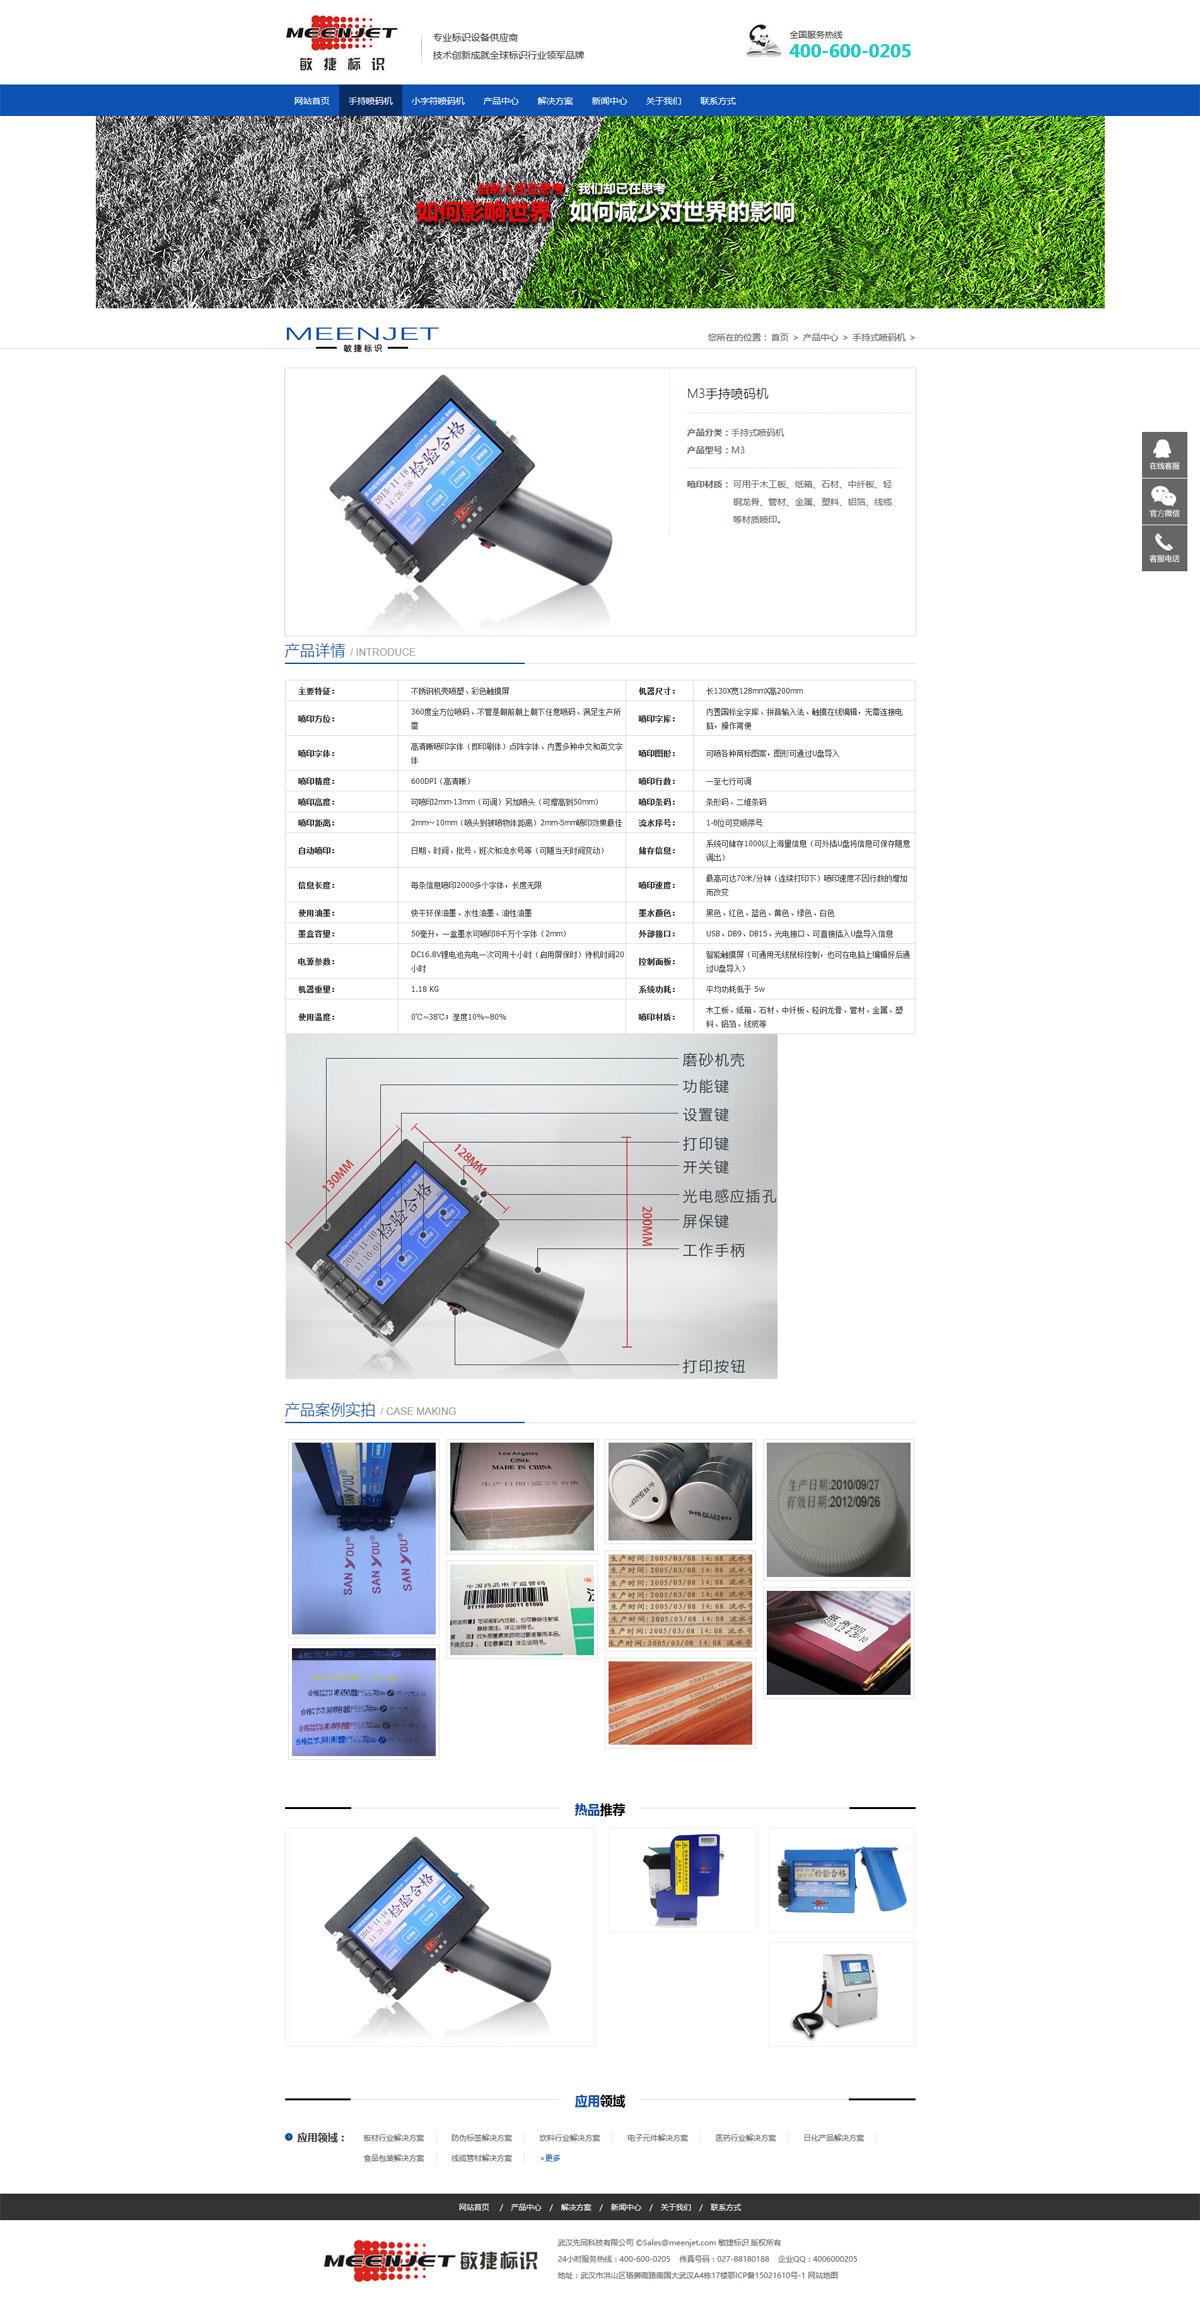 敏捷标识产品详情页面